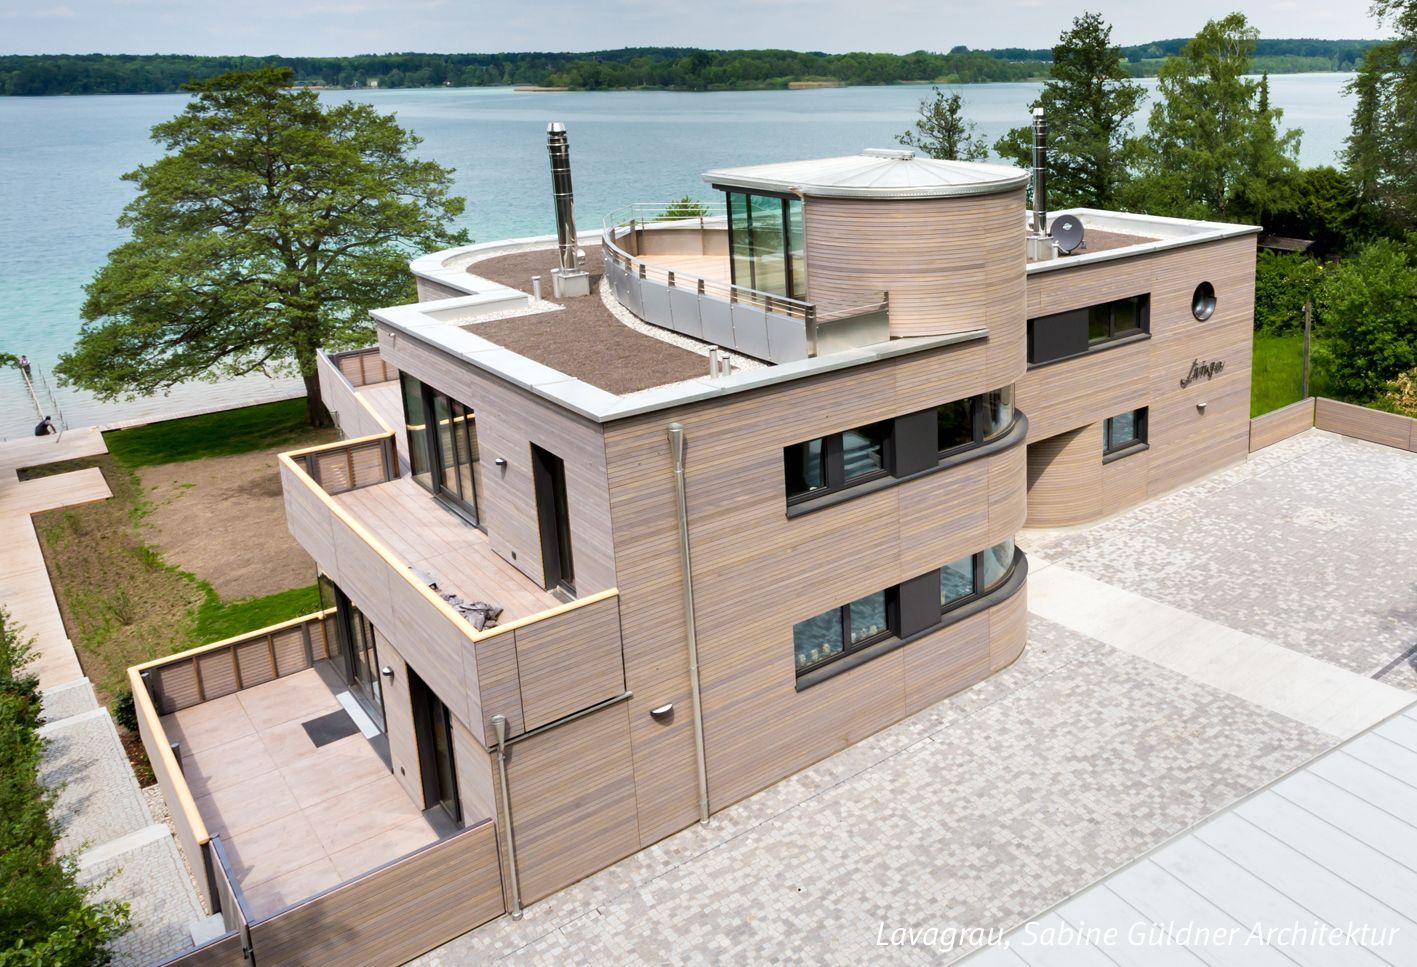 Architekten Kleve modernes wohnhaus mit grauer holzfassade dura patina rhombusleiste